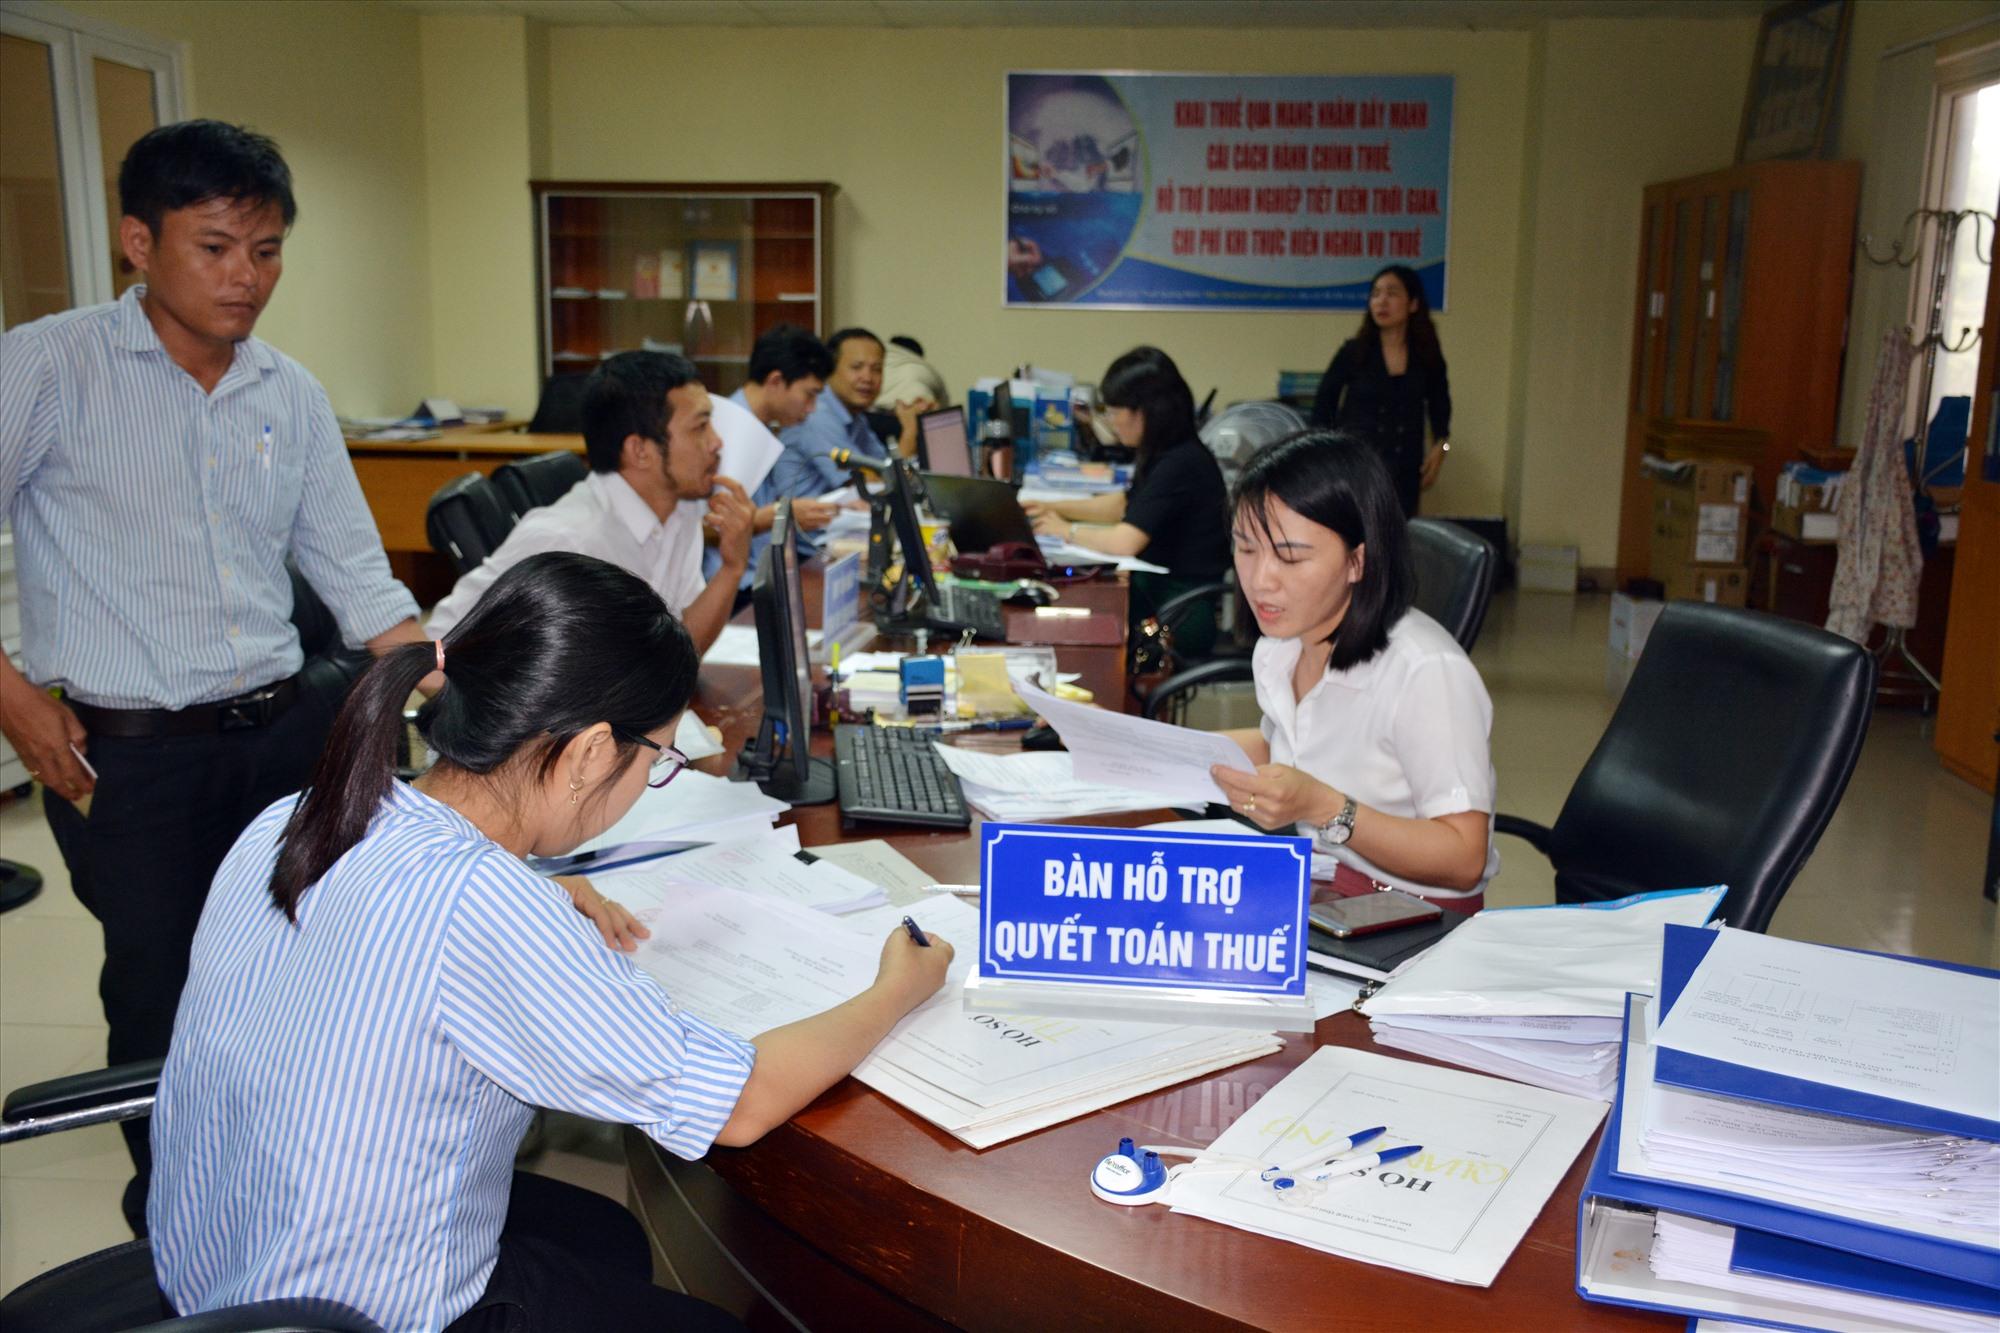 Hỗ trợ, đồng hành với người nộp thuế là một trong những nhiệm vụ quan trọng của Cục Thuế Quảng Nam thời gian qua. Ảnh: VĂN DŨNG